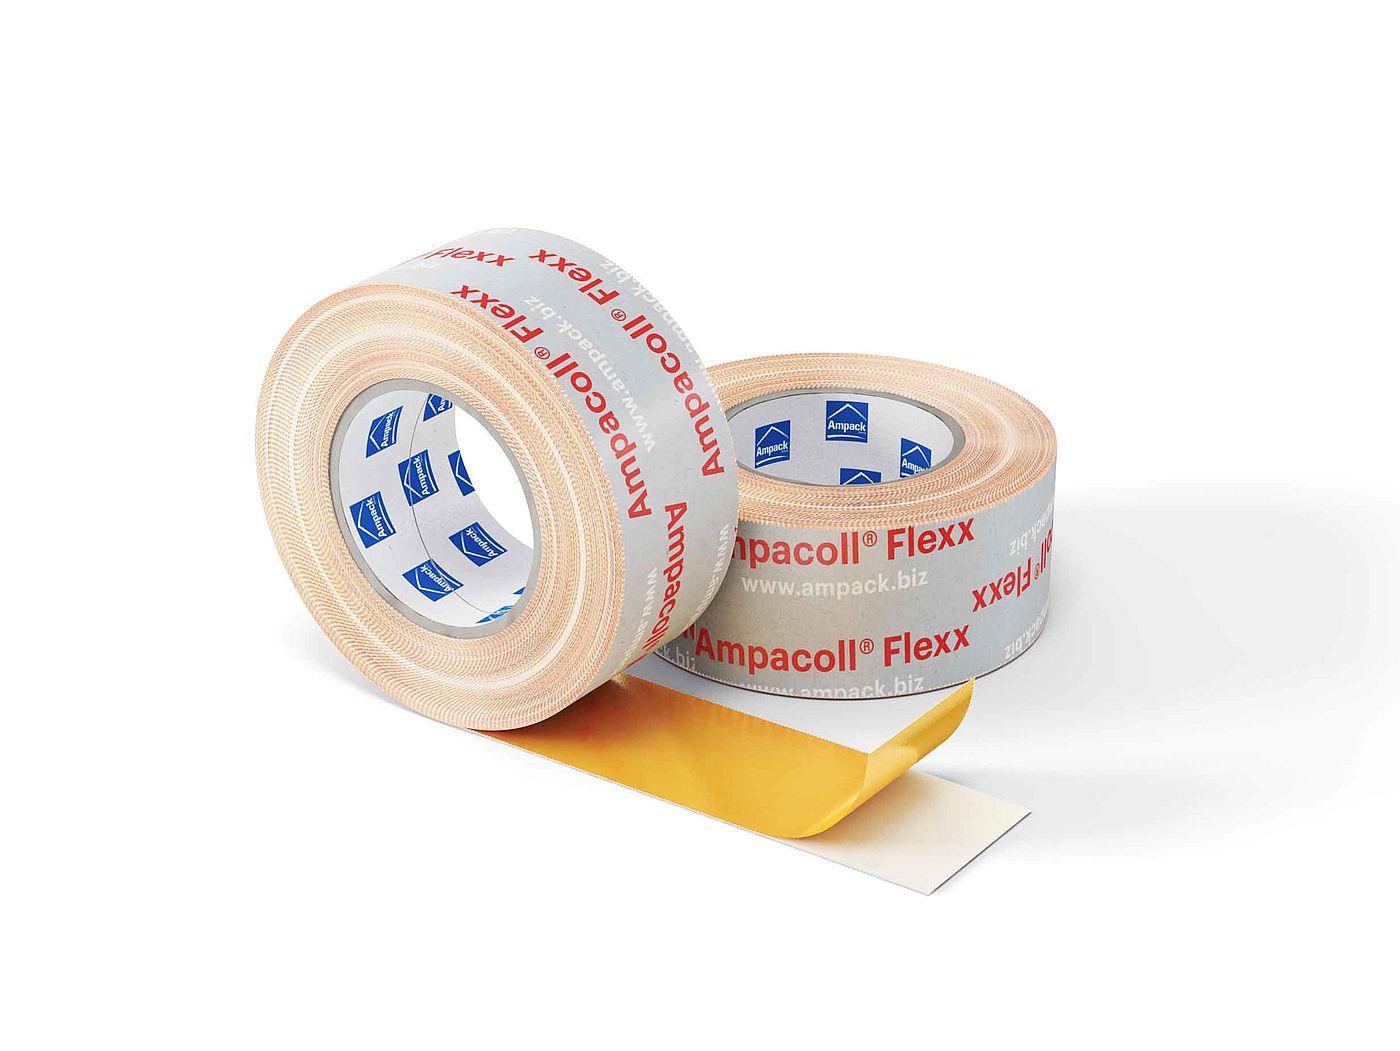 Ampacoll Flexx Ampack Acryklebeband für innen und außen